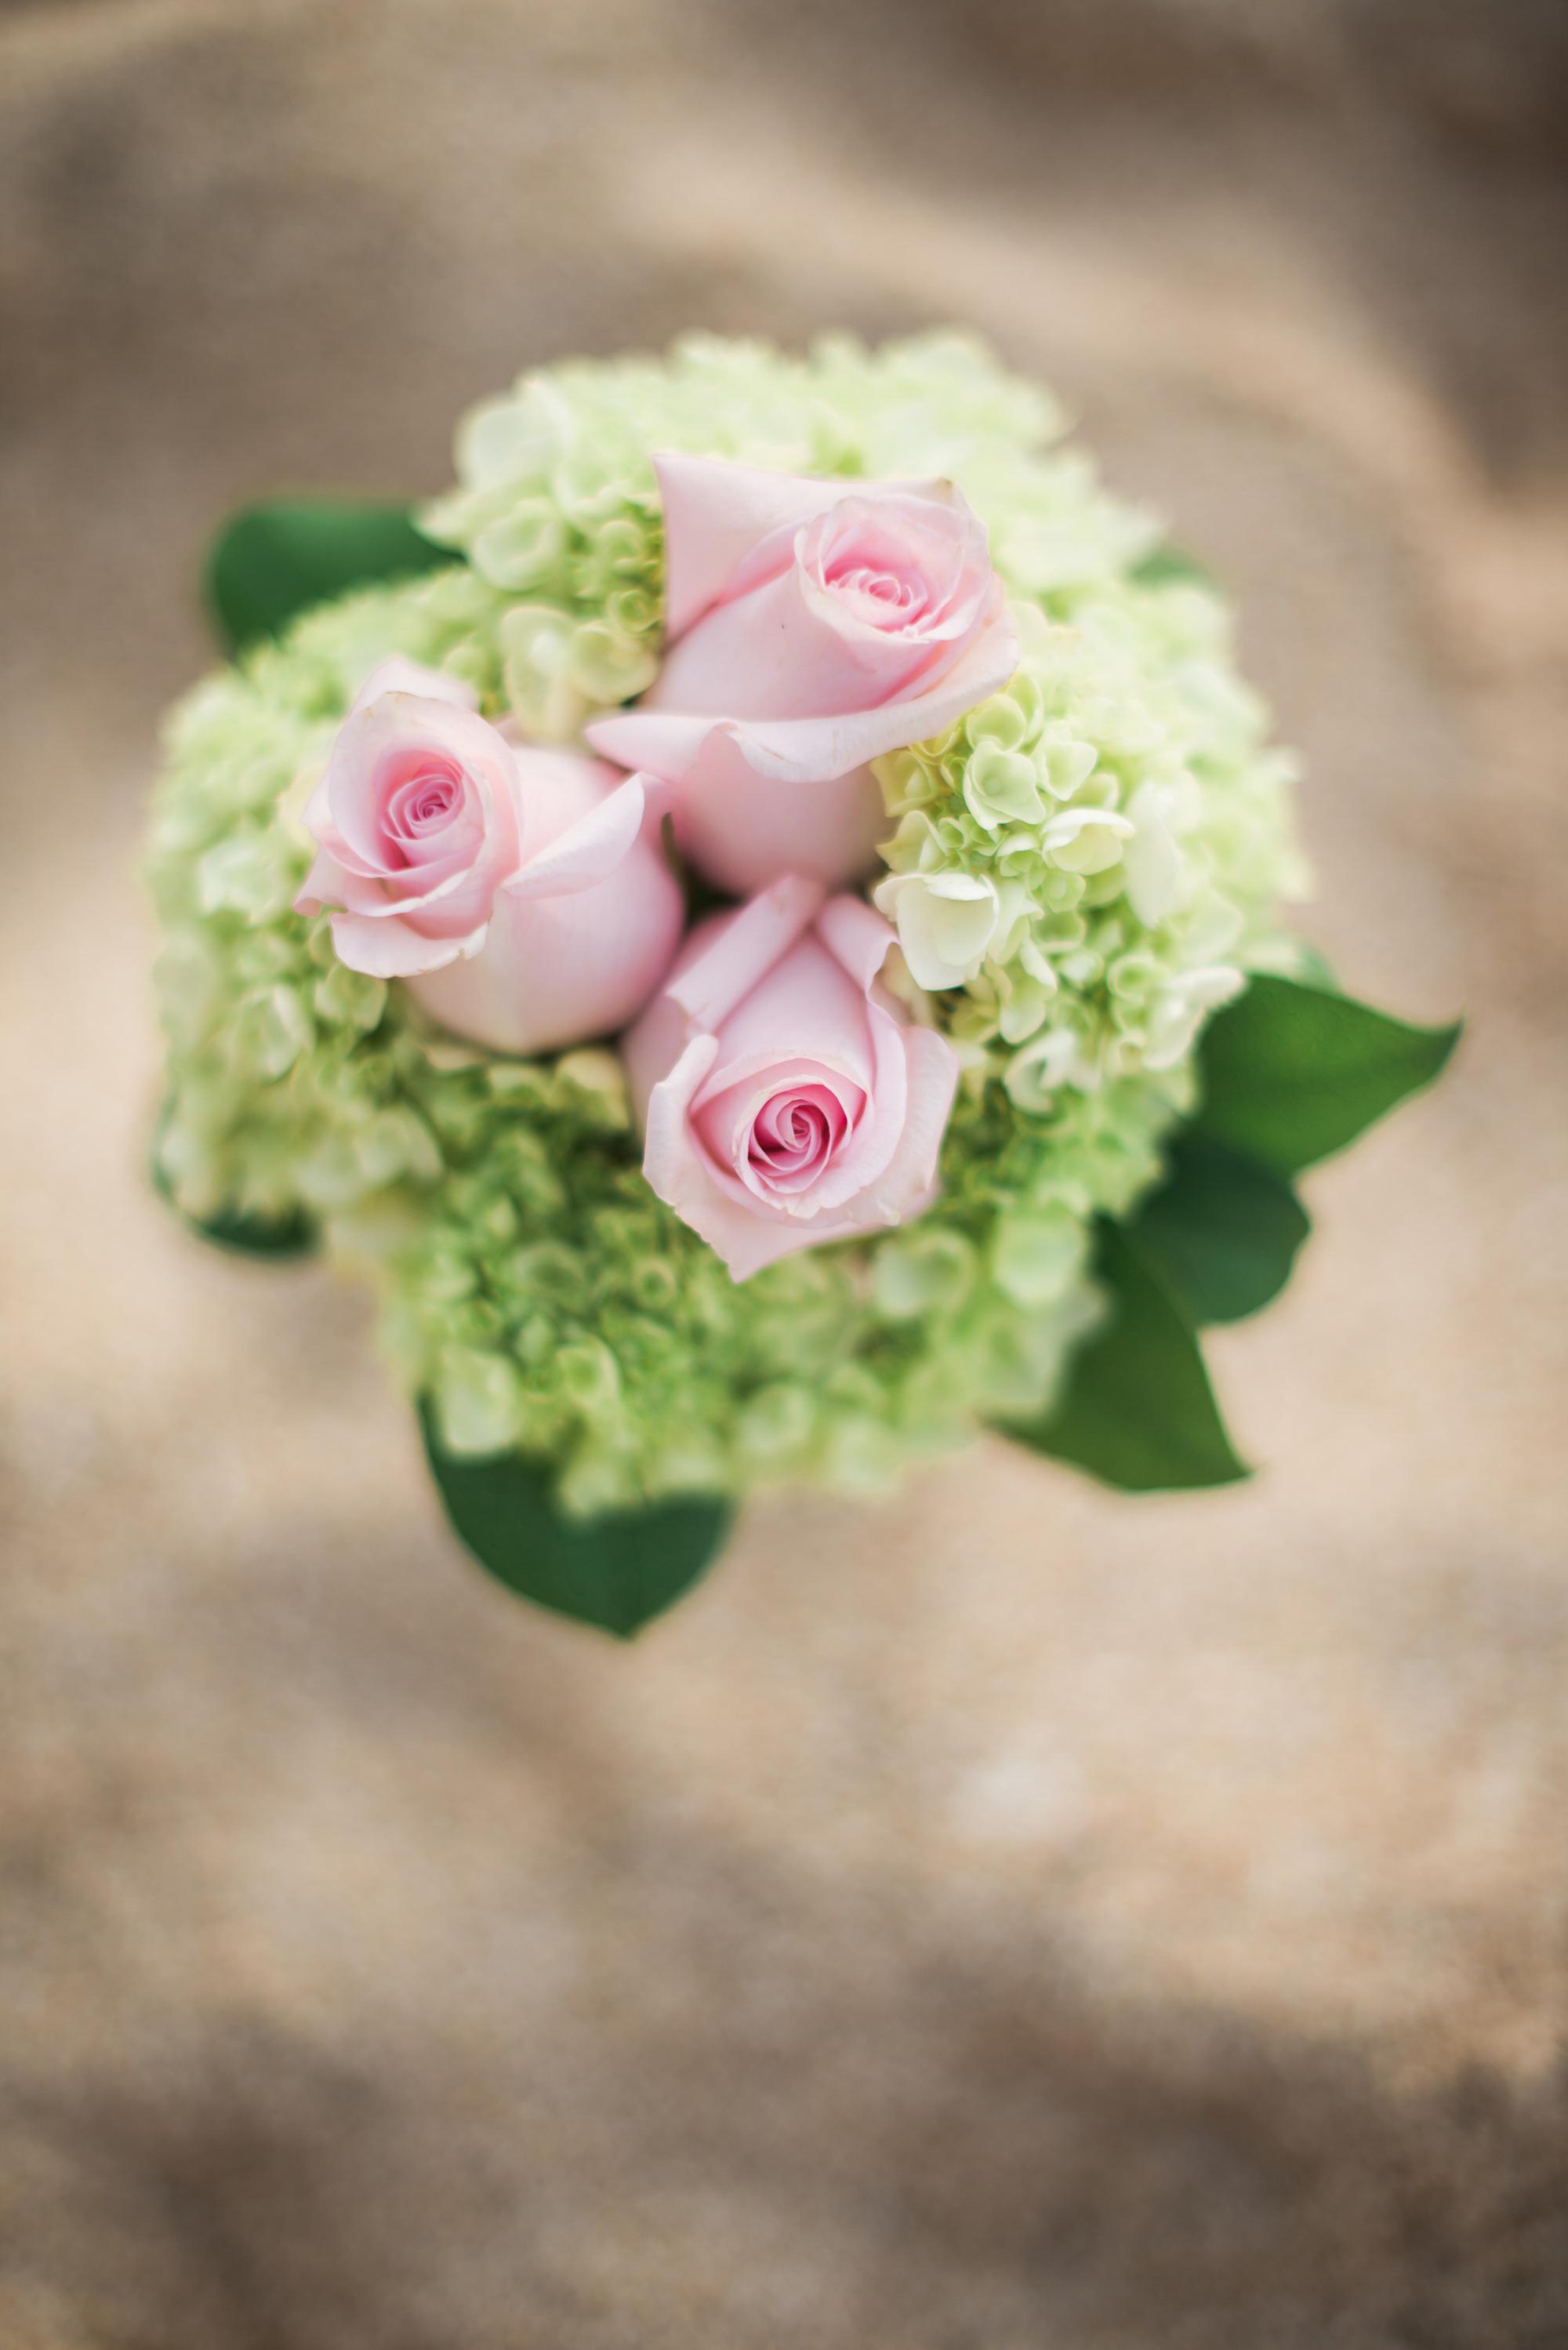 Hawaiian-Elopement-Marianne-Blackham-Photography-bouquet.jpg